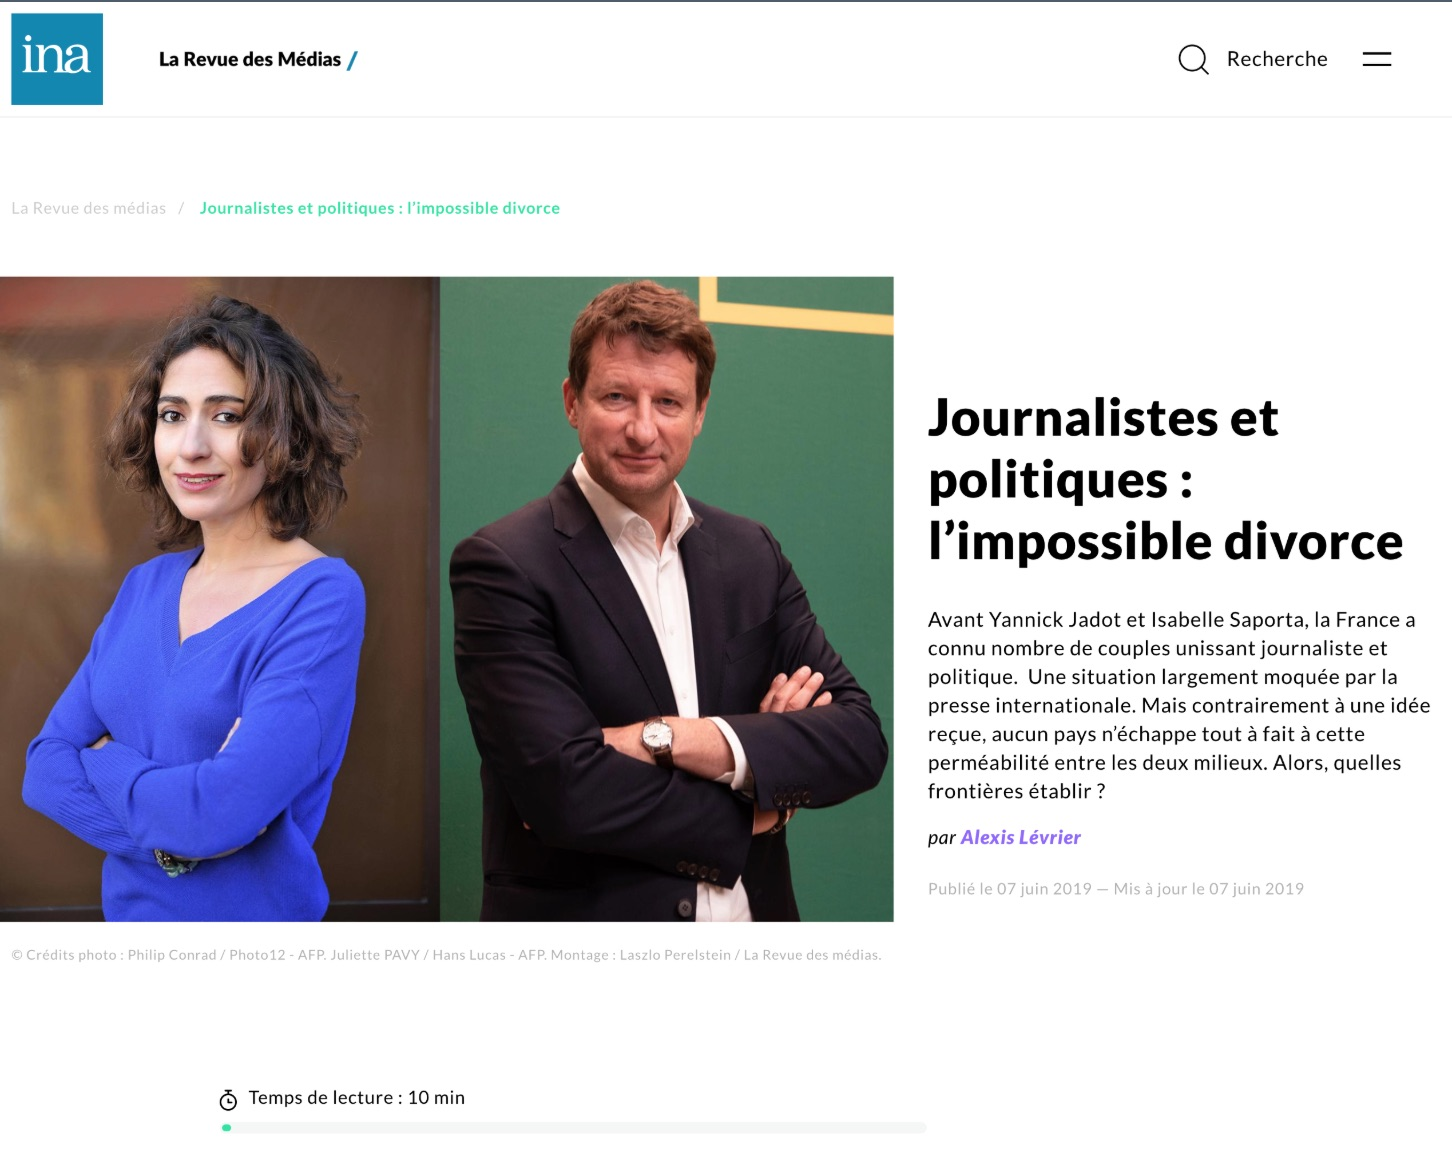 INA, La Revue des Médias, 17 Juin 2019